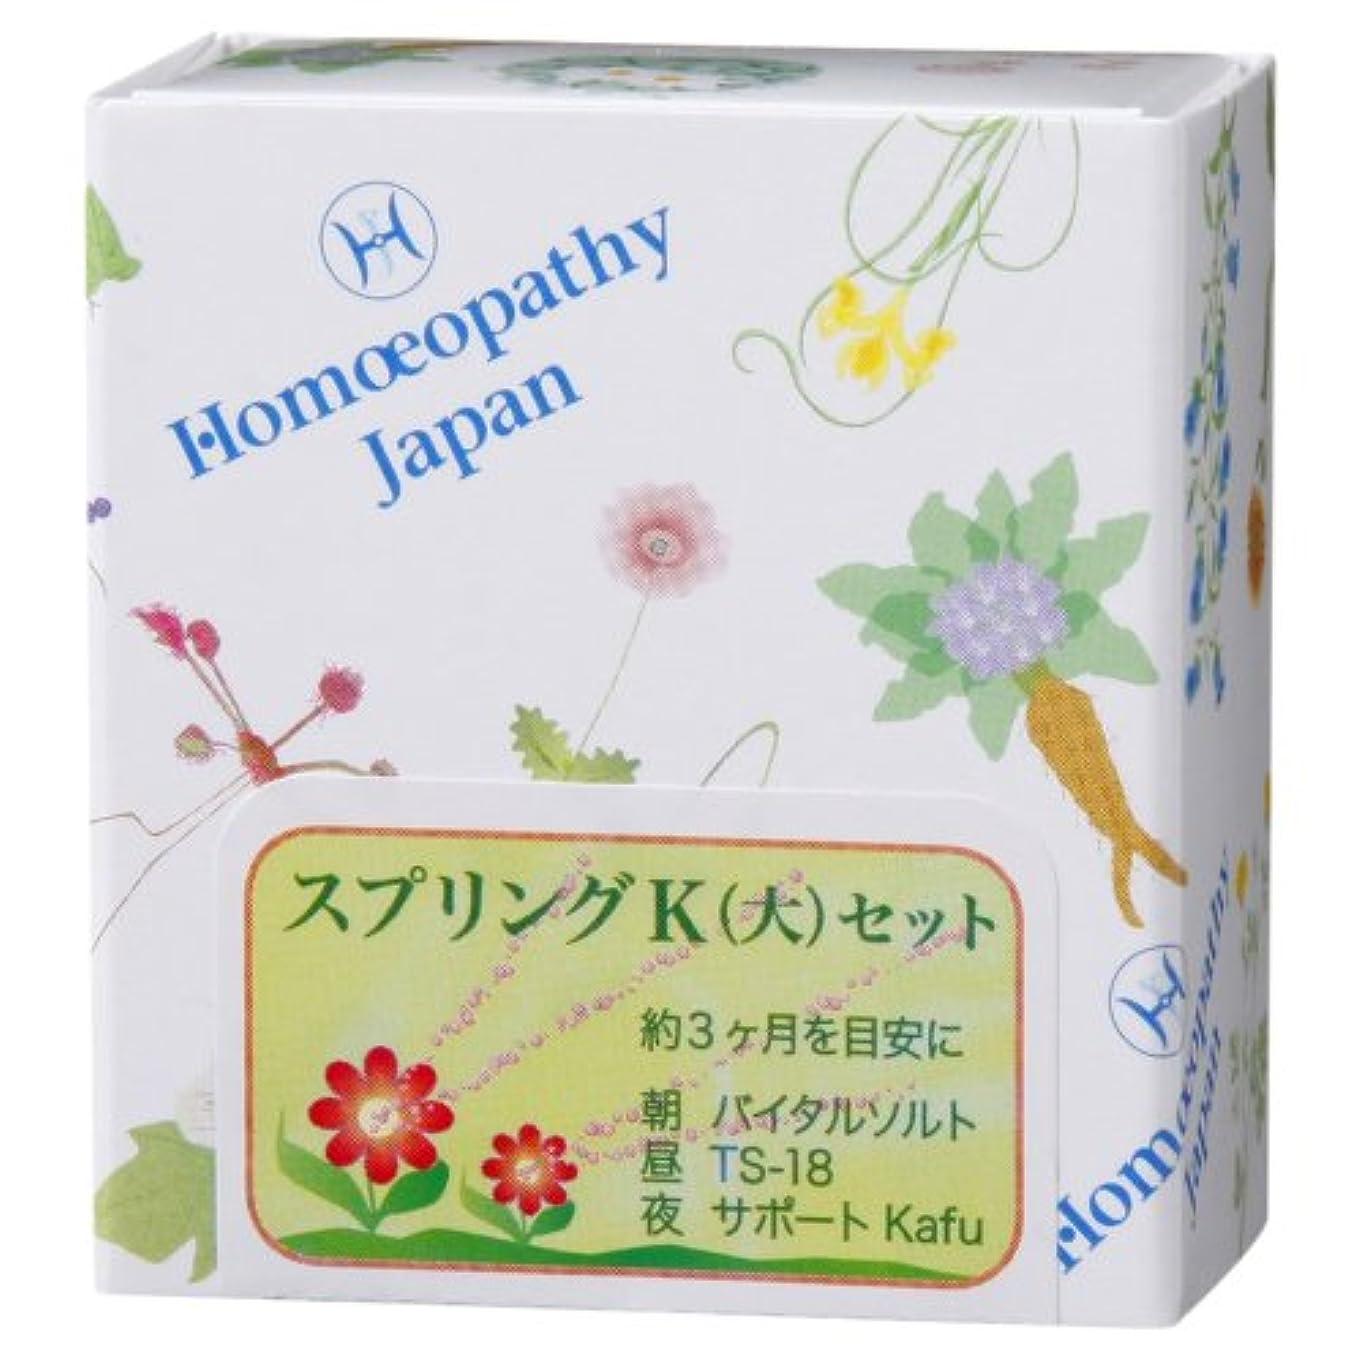 理容師知り合い進化するホメオパシージャパンレメディー スプリングK(大)セット